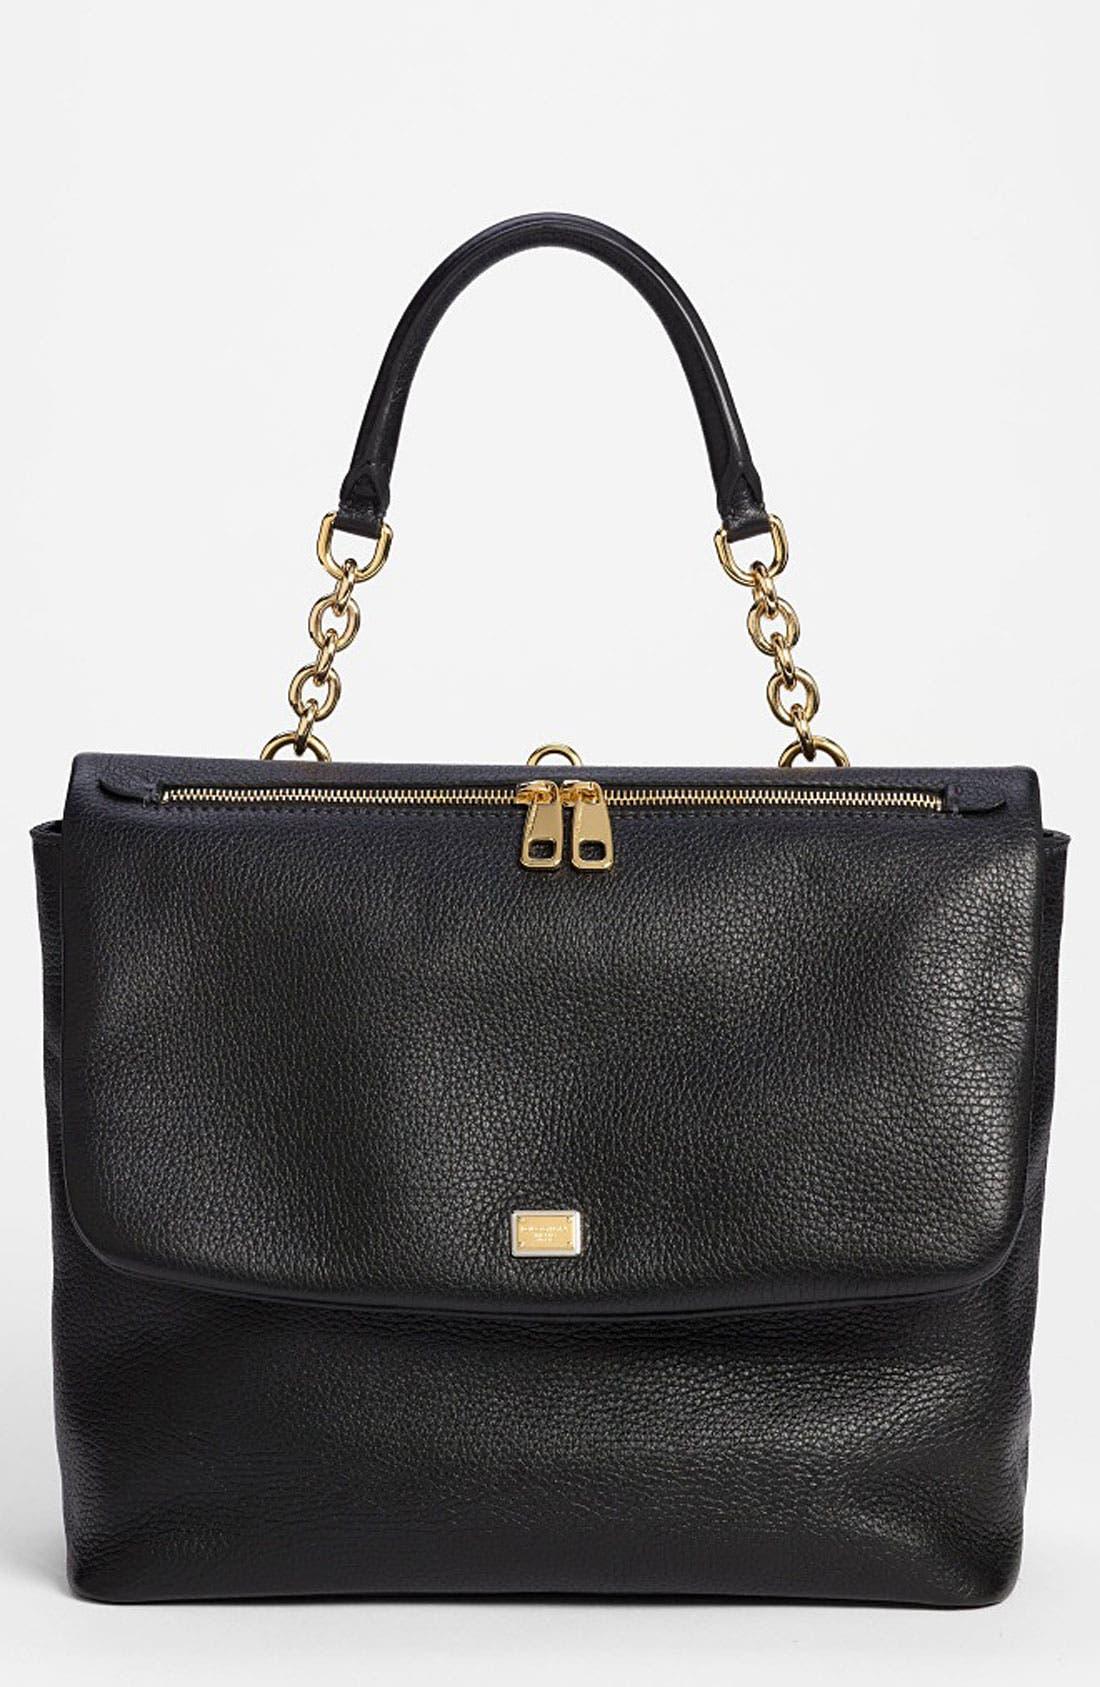 Alternate Image 1 Selected - Dolce&Gabbana 'Miss Emma' Leather Shoulder Bag